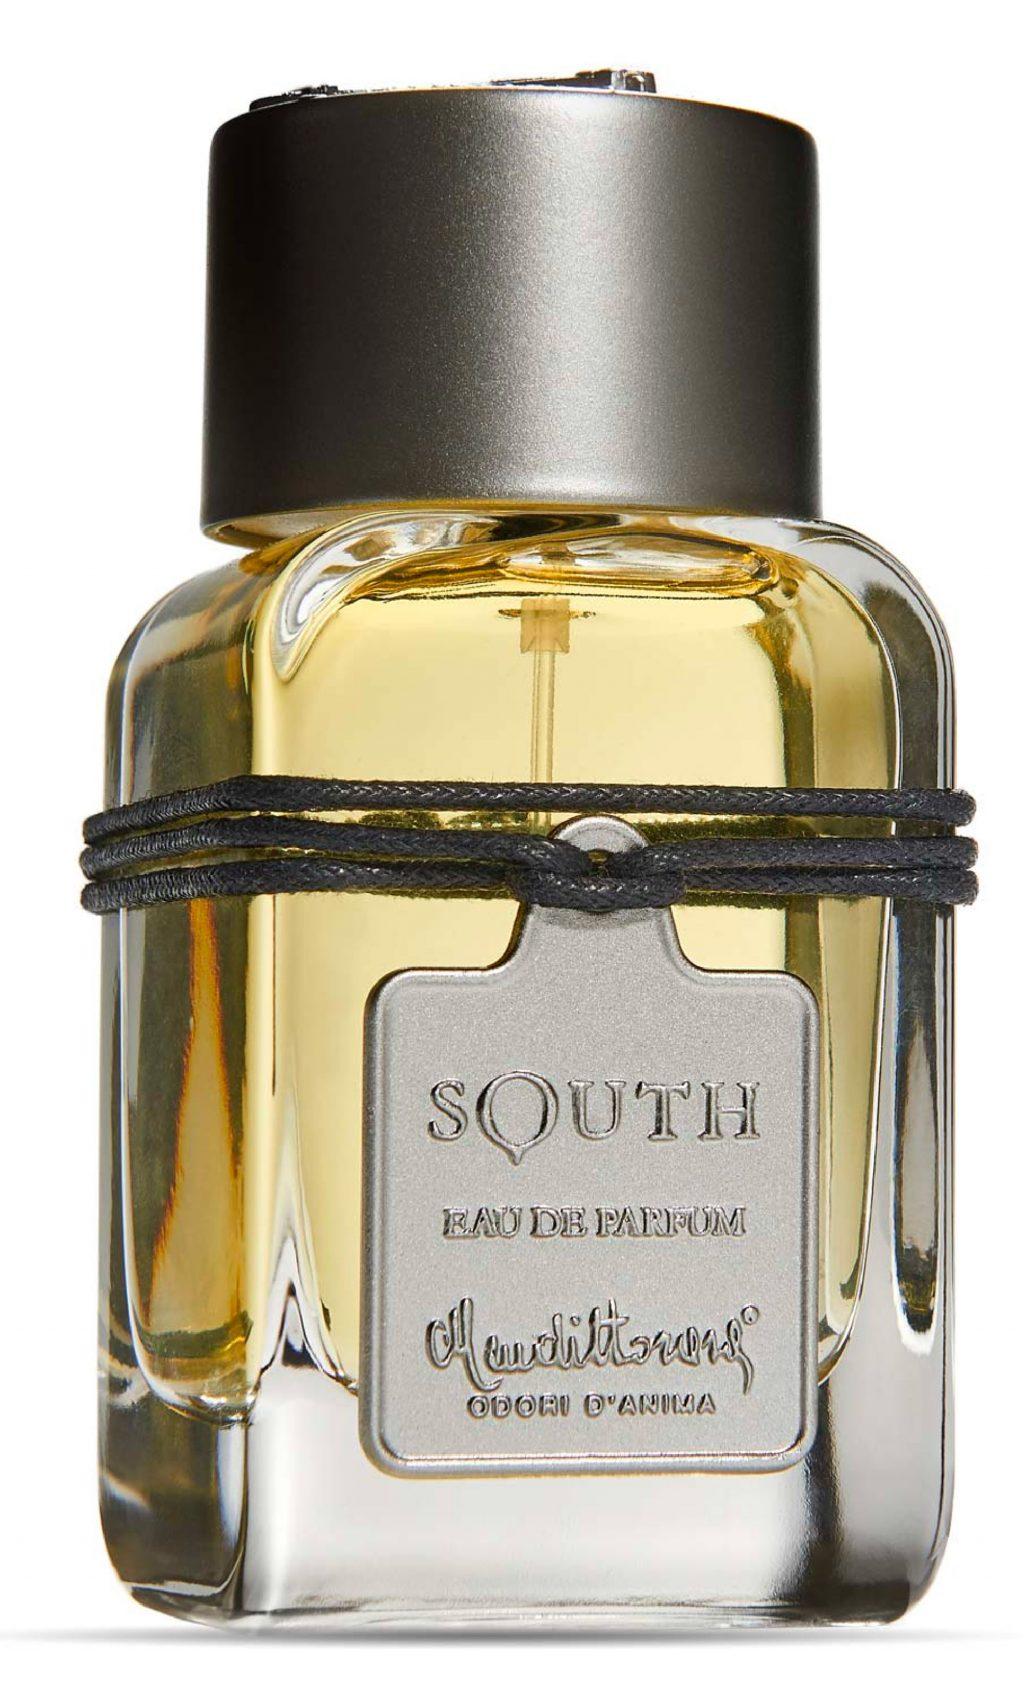 mùi hương South của Mendittorosa